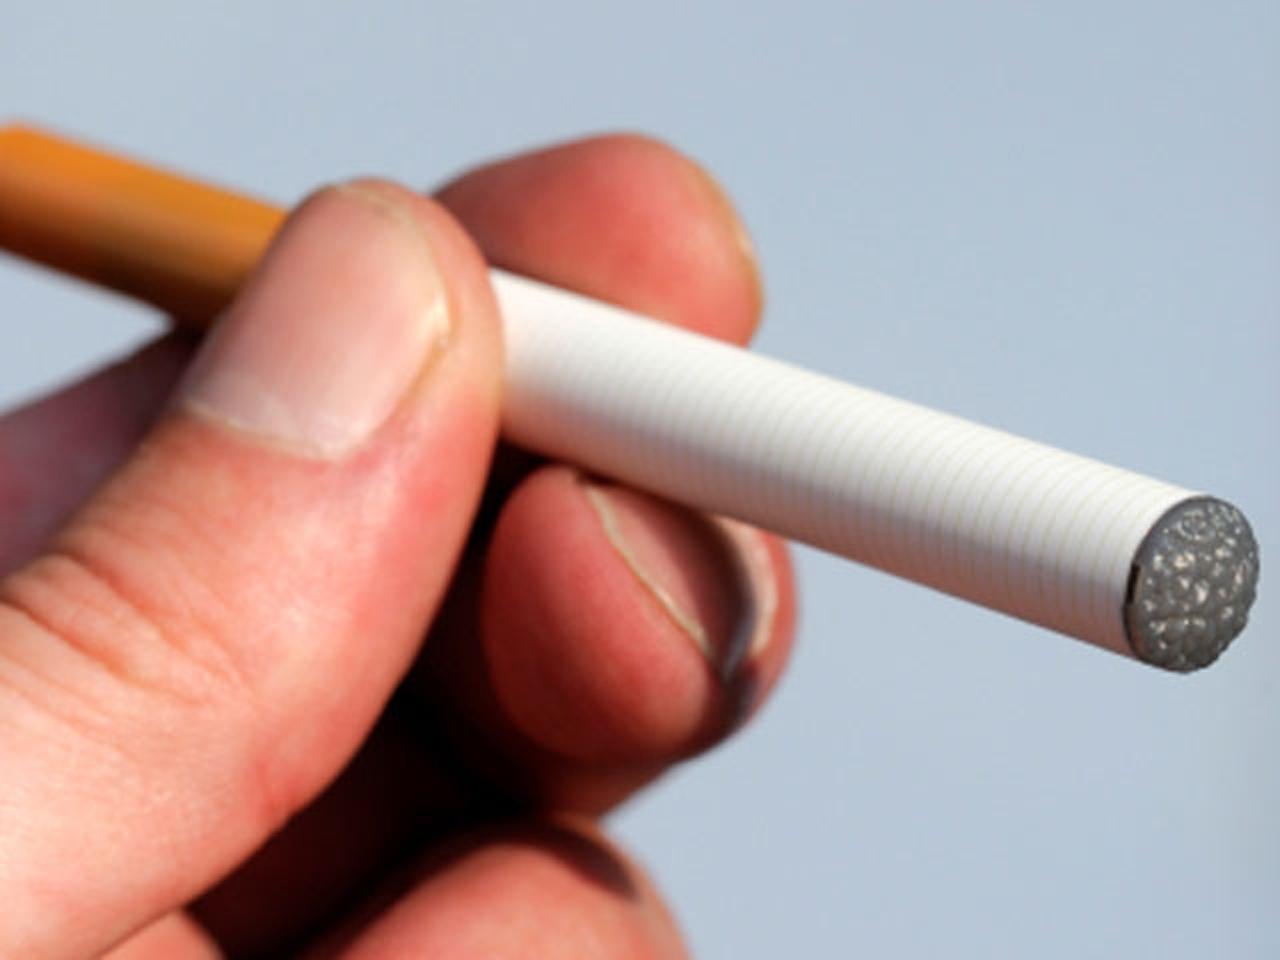 E-cigarette vapor has cancer-causing chemical formaldehyde - CBS News